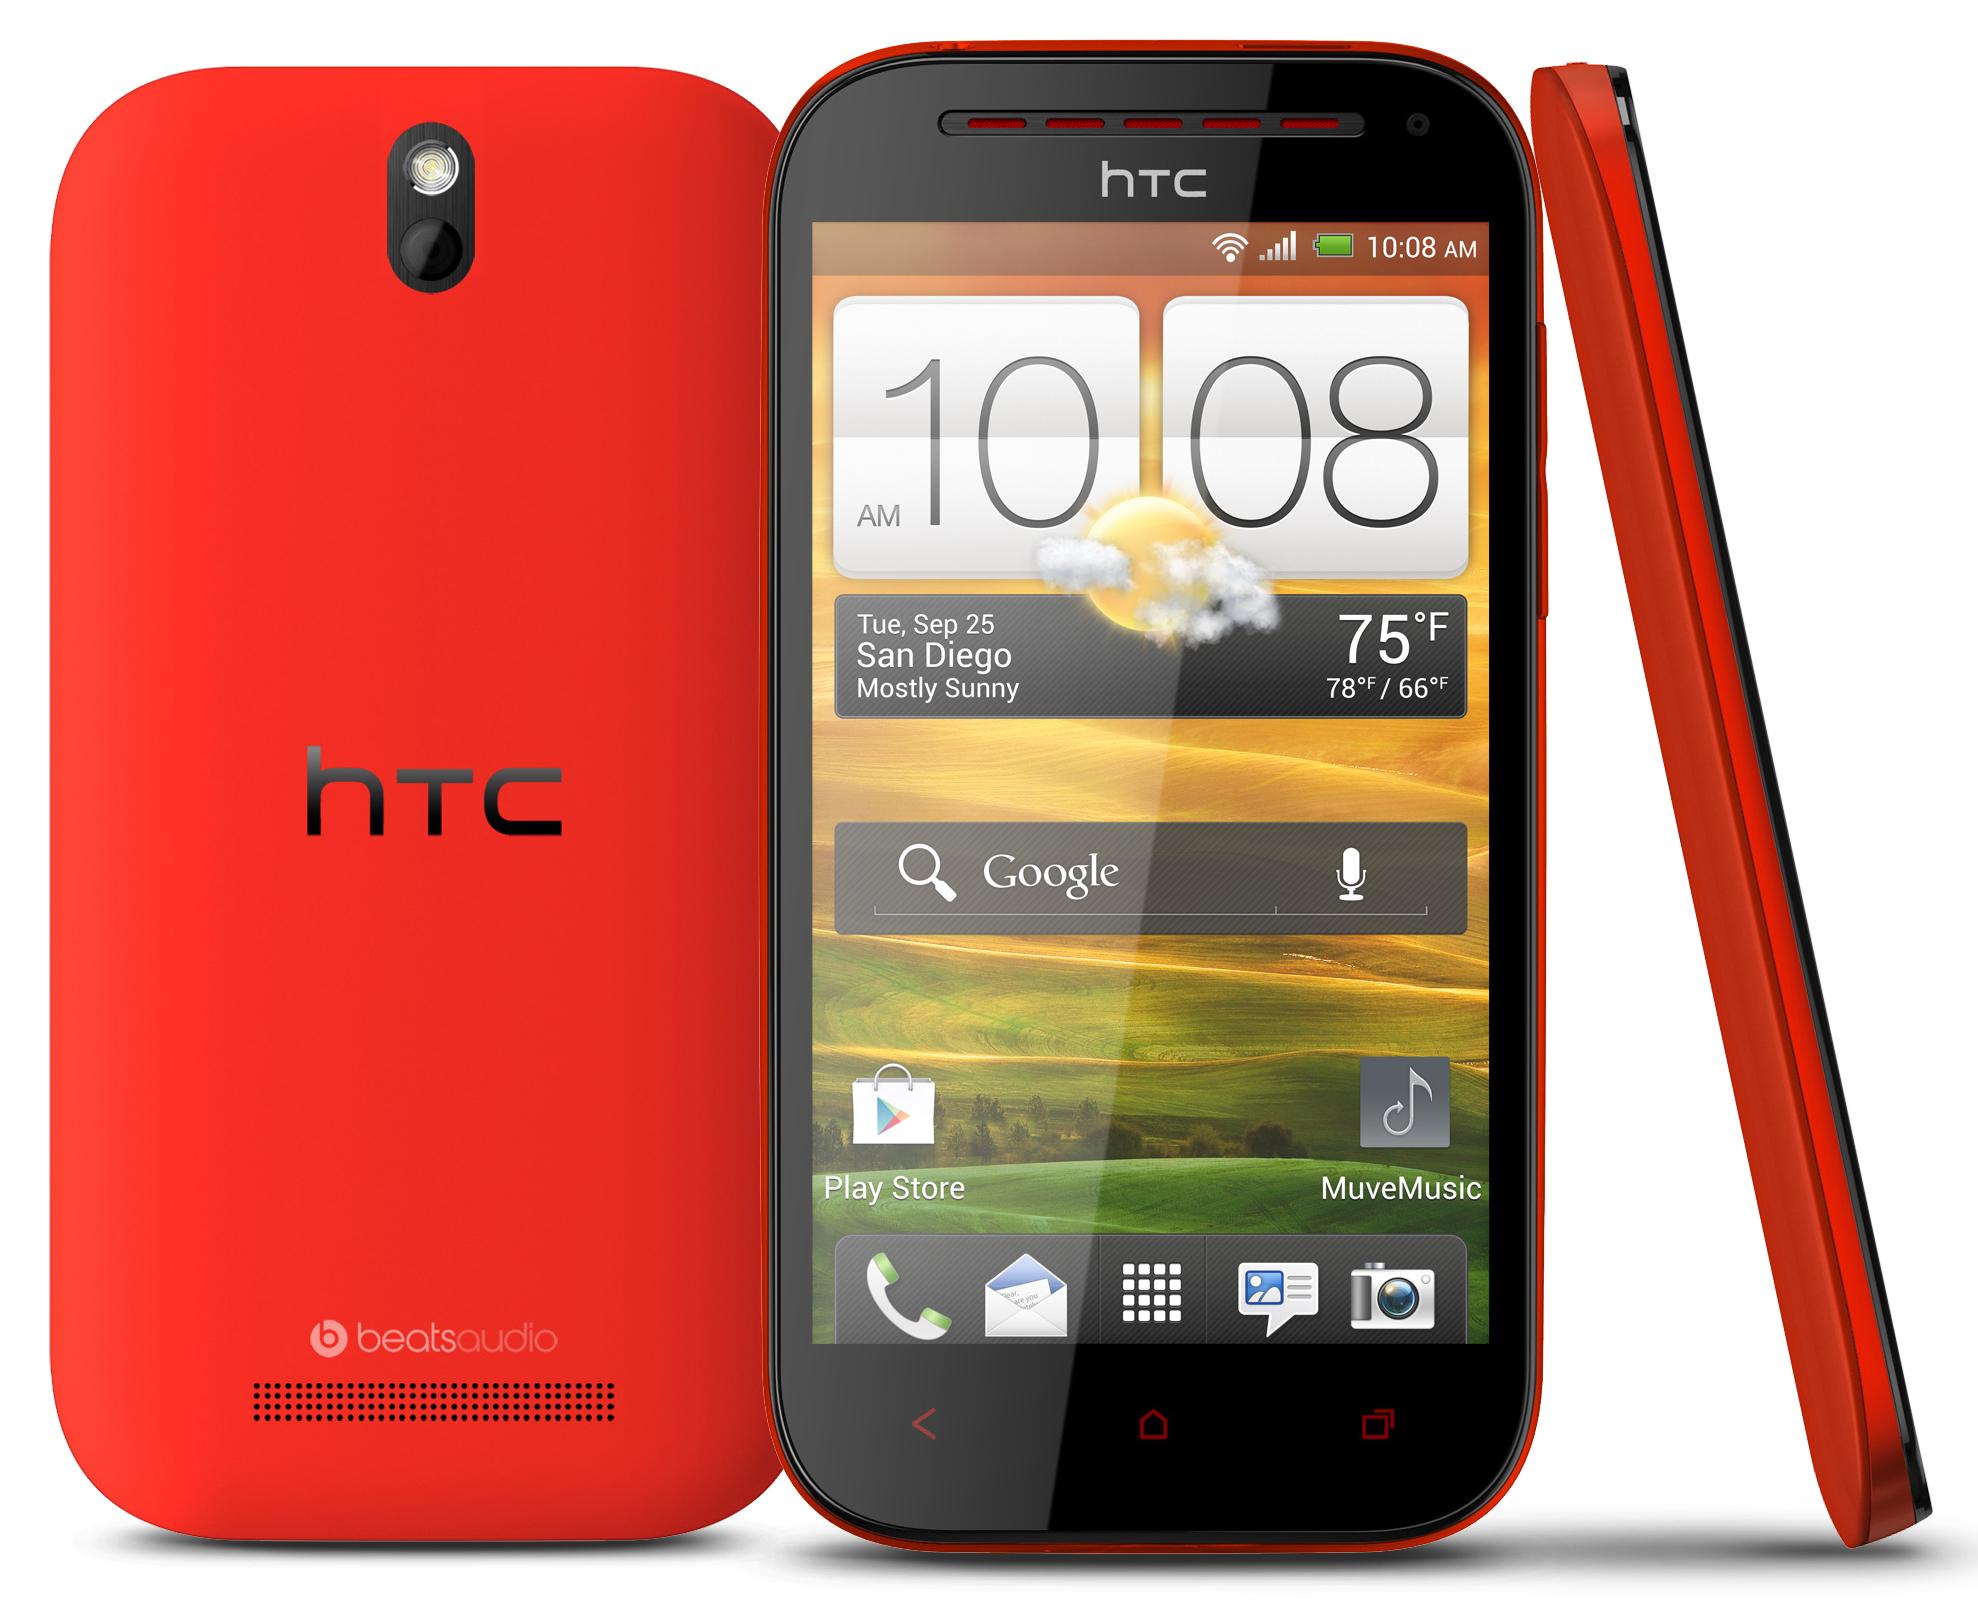 Scarica WhatsApp gratuitamente per HTC Incredible S, Max 4G, One Mini, ONE SV, ONE V 4